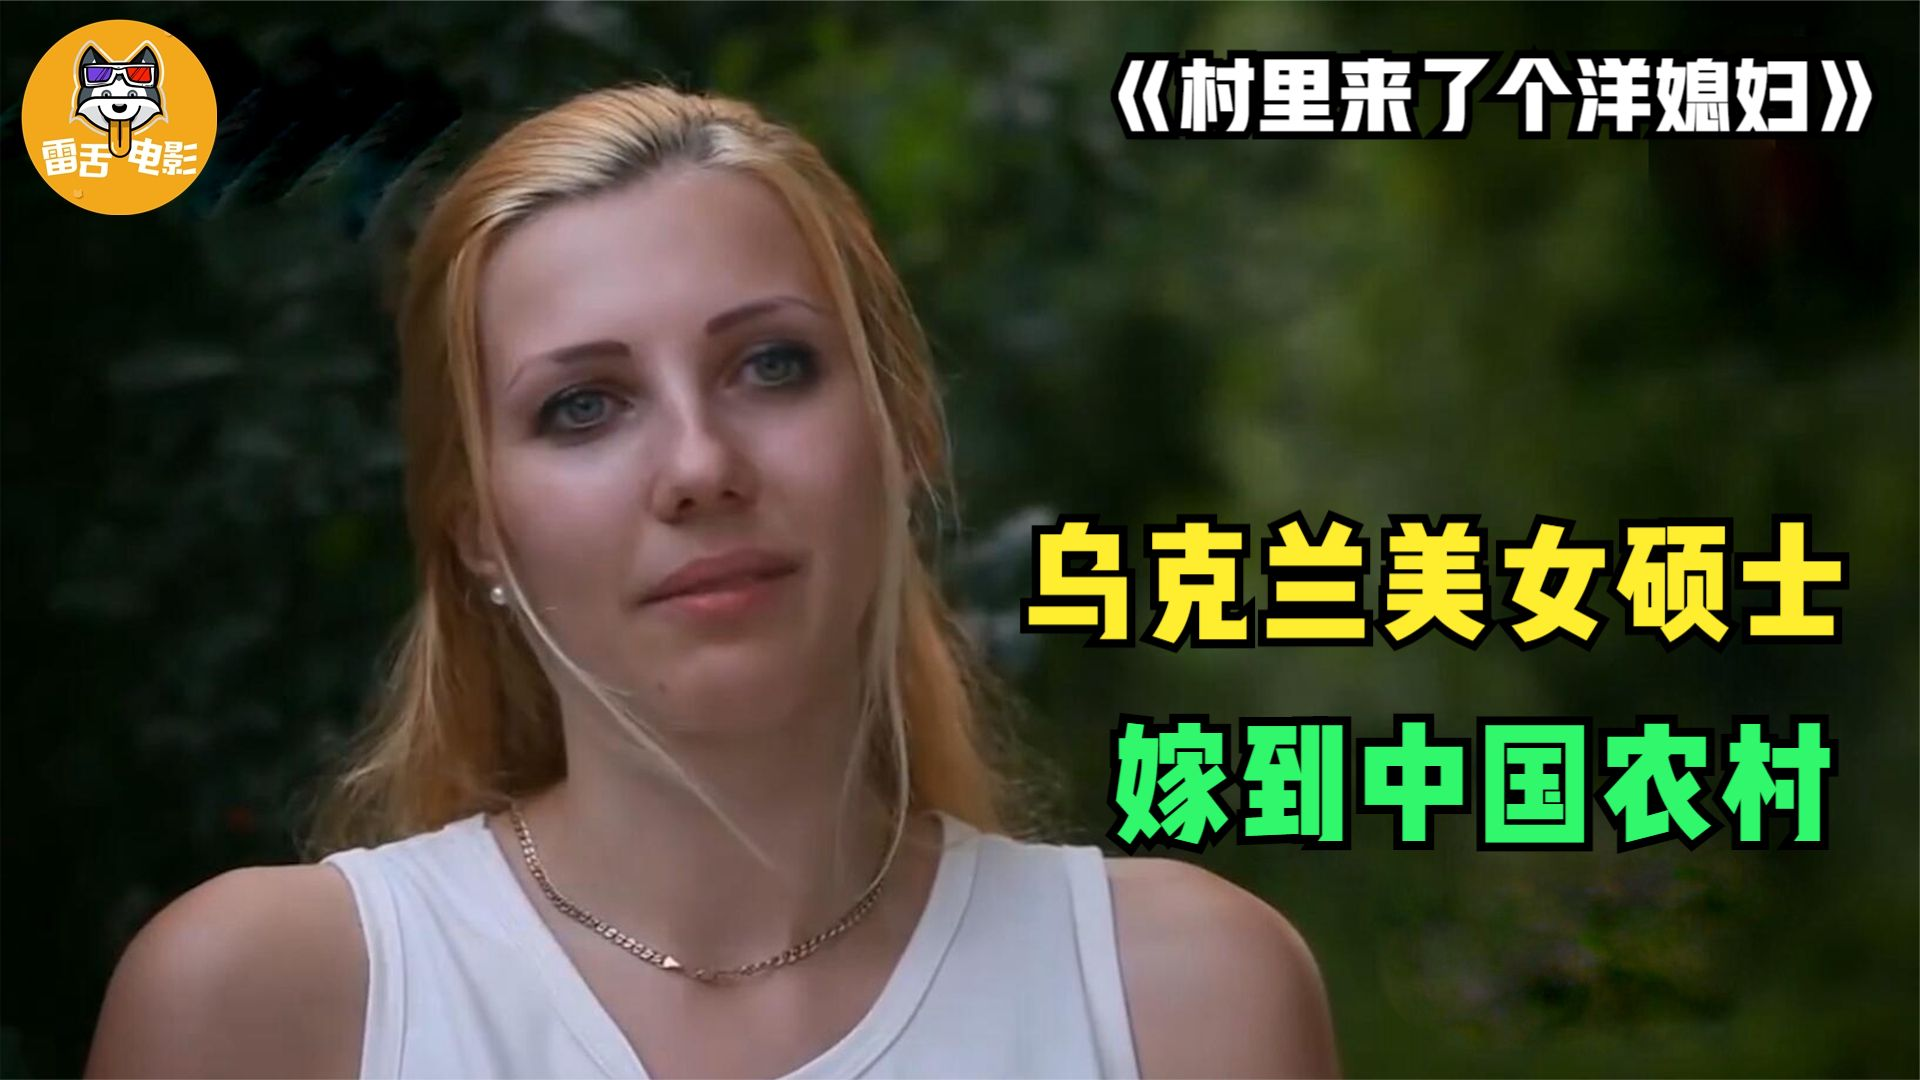 乌克兰美女硕士,远嫁河南农村,却遭中国婆婆嫌弃!纪录片